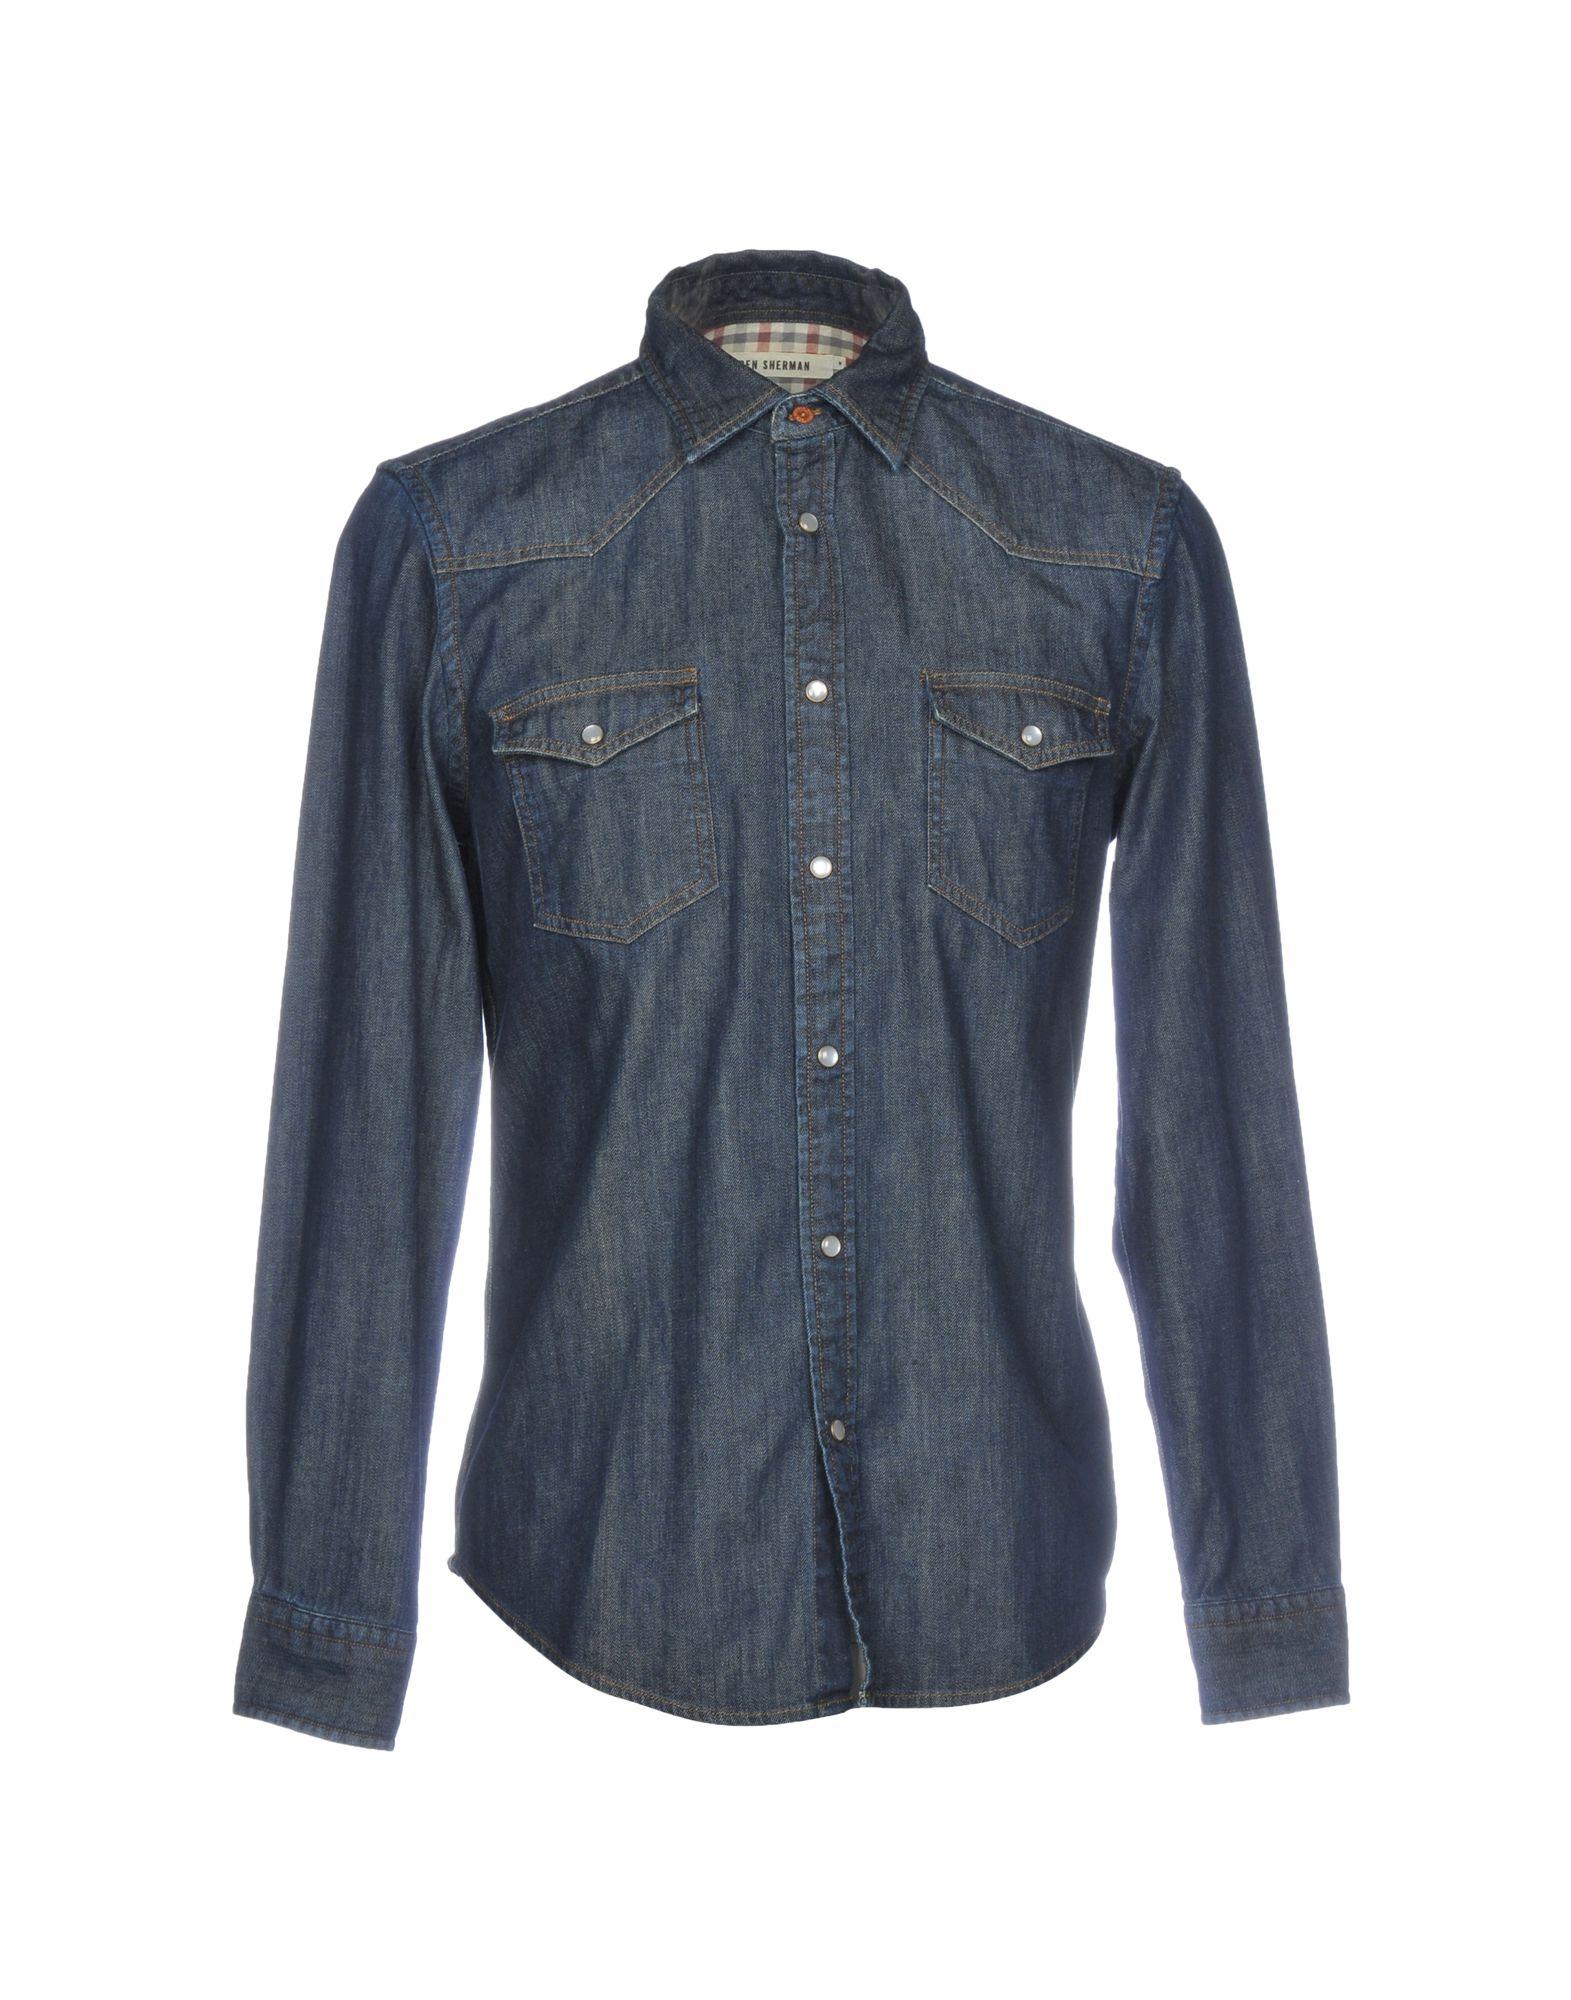 все цены на BEN SHERMAN Джинсовая рубашка онлайн